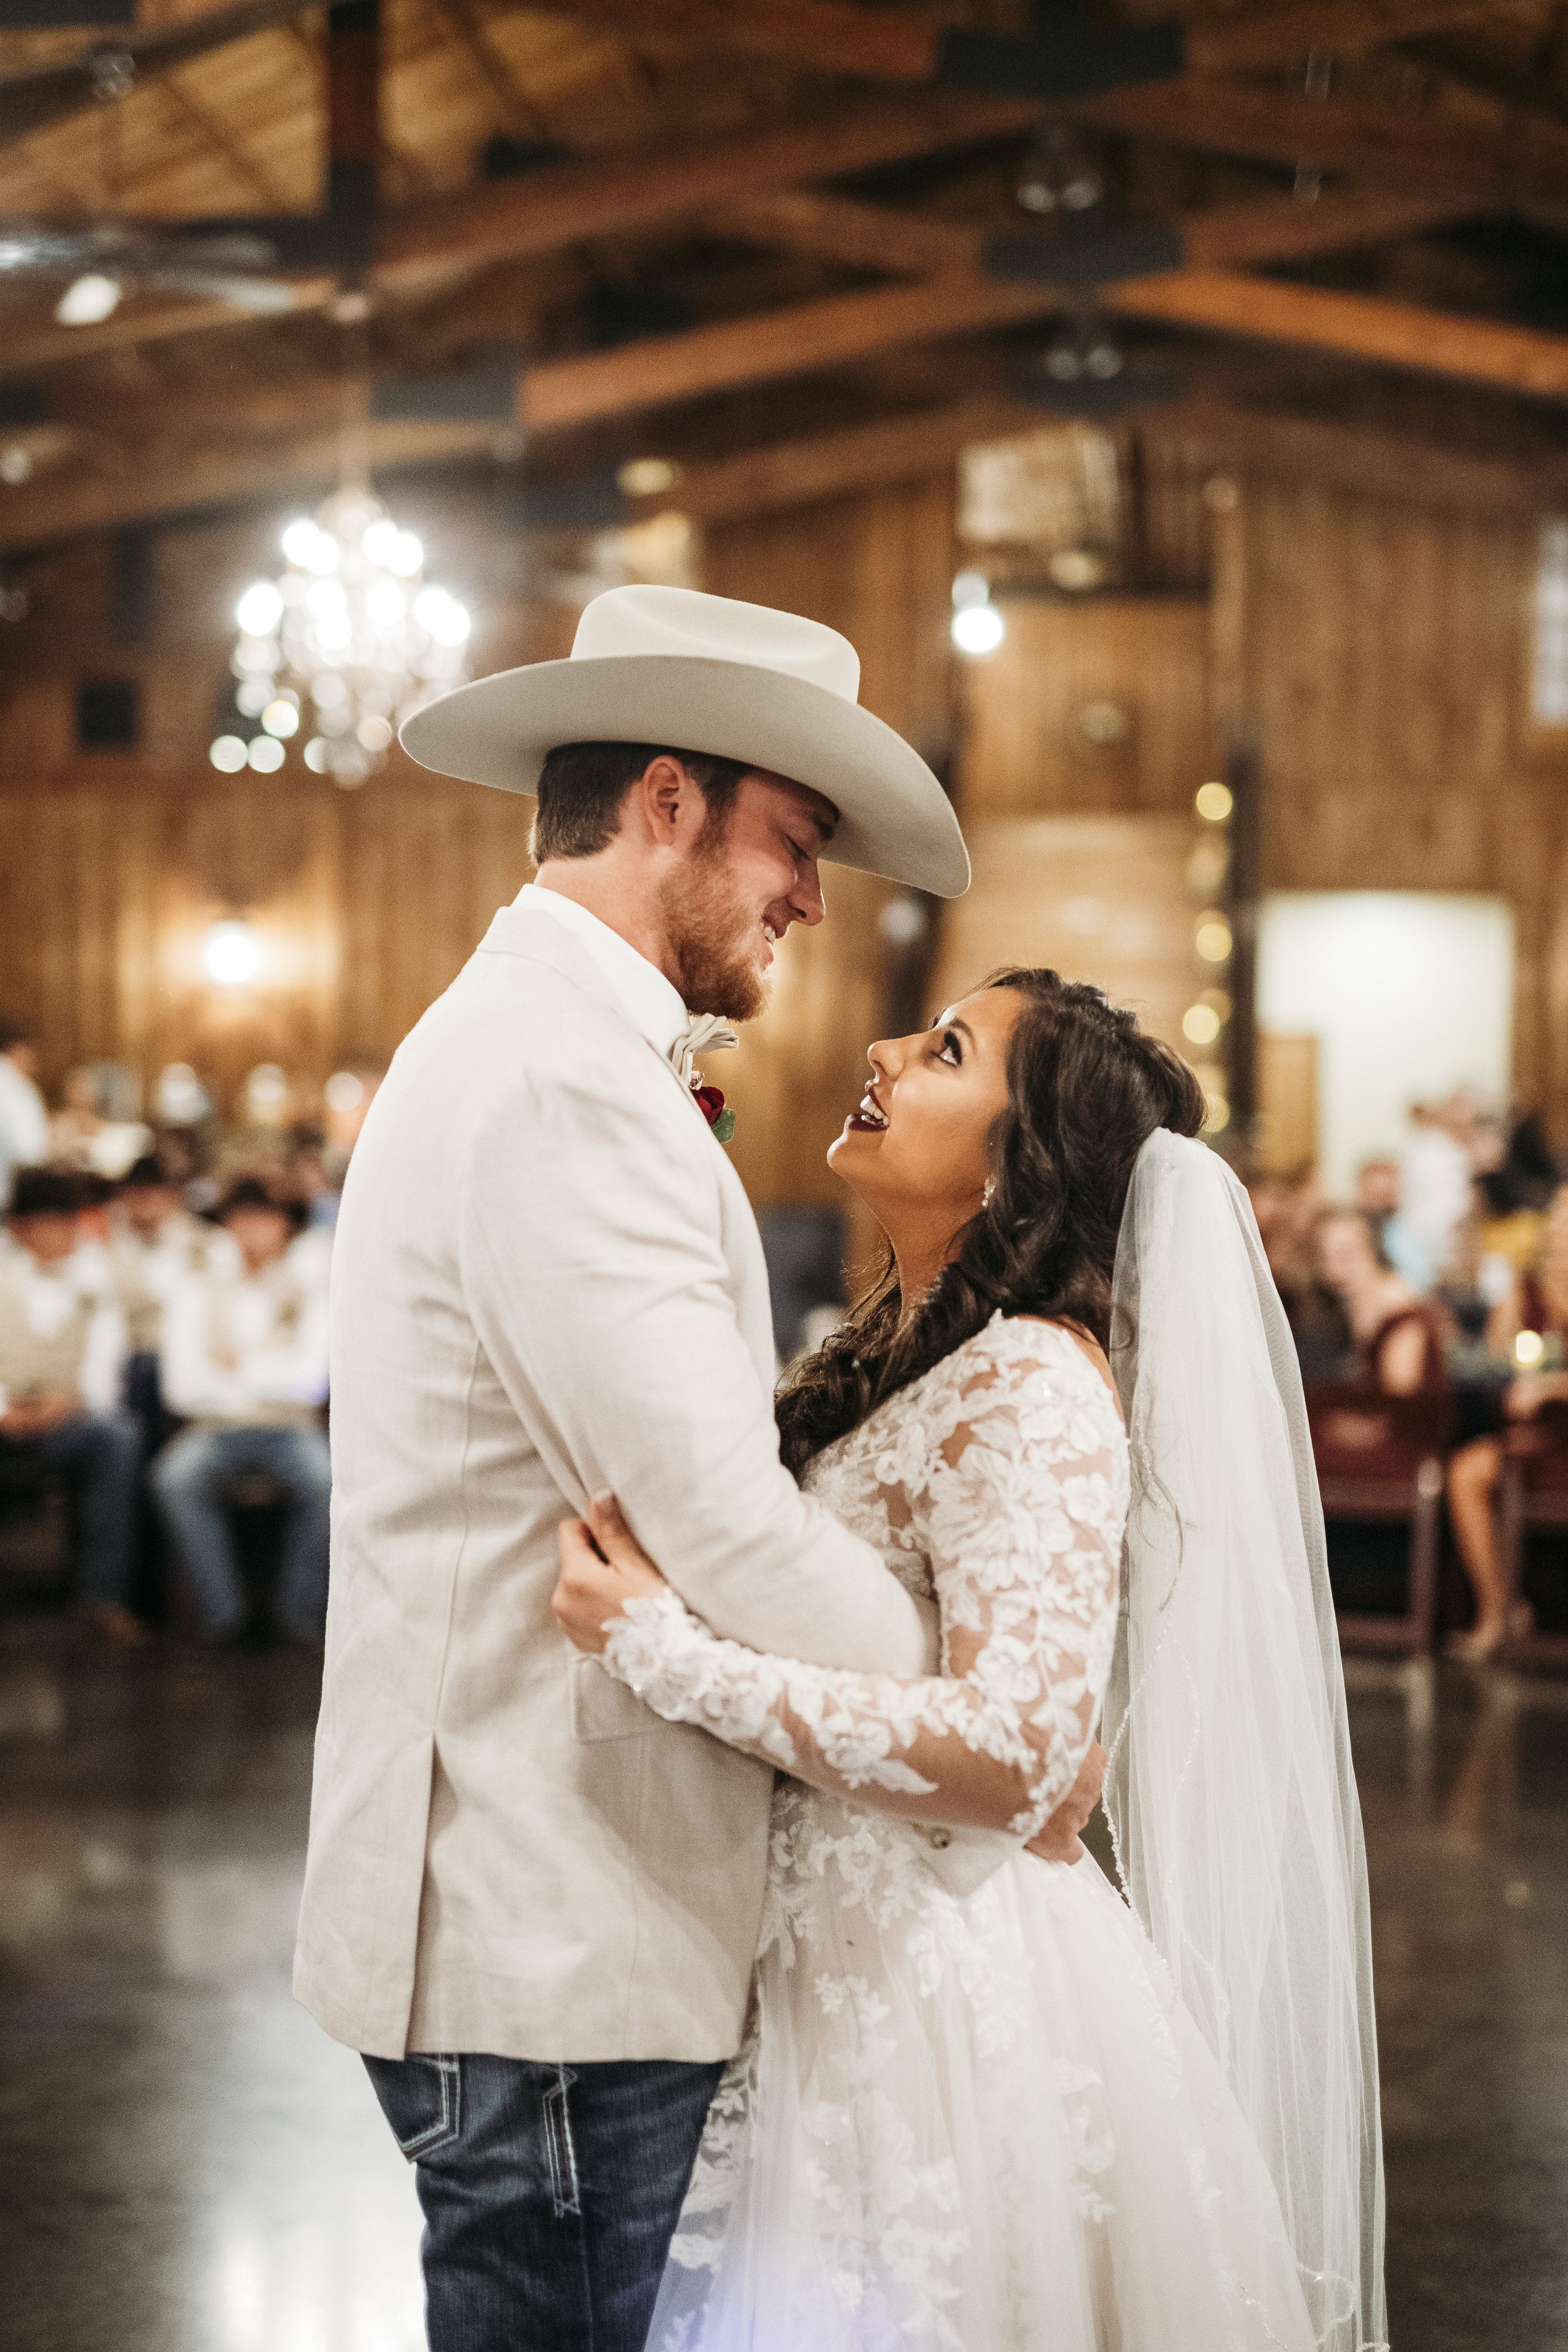 Norman Wedding Venue Springs Venue Oklahoma Wedding Venues Wedding Venues Oklahoma Wedding